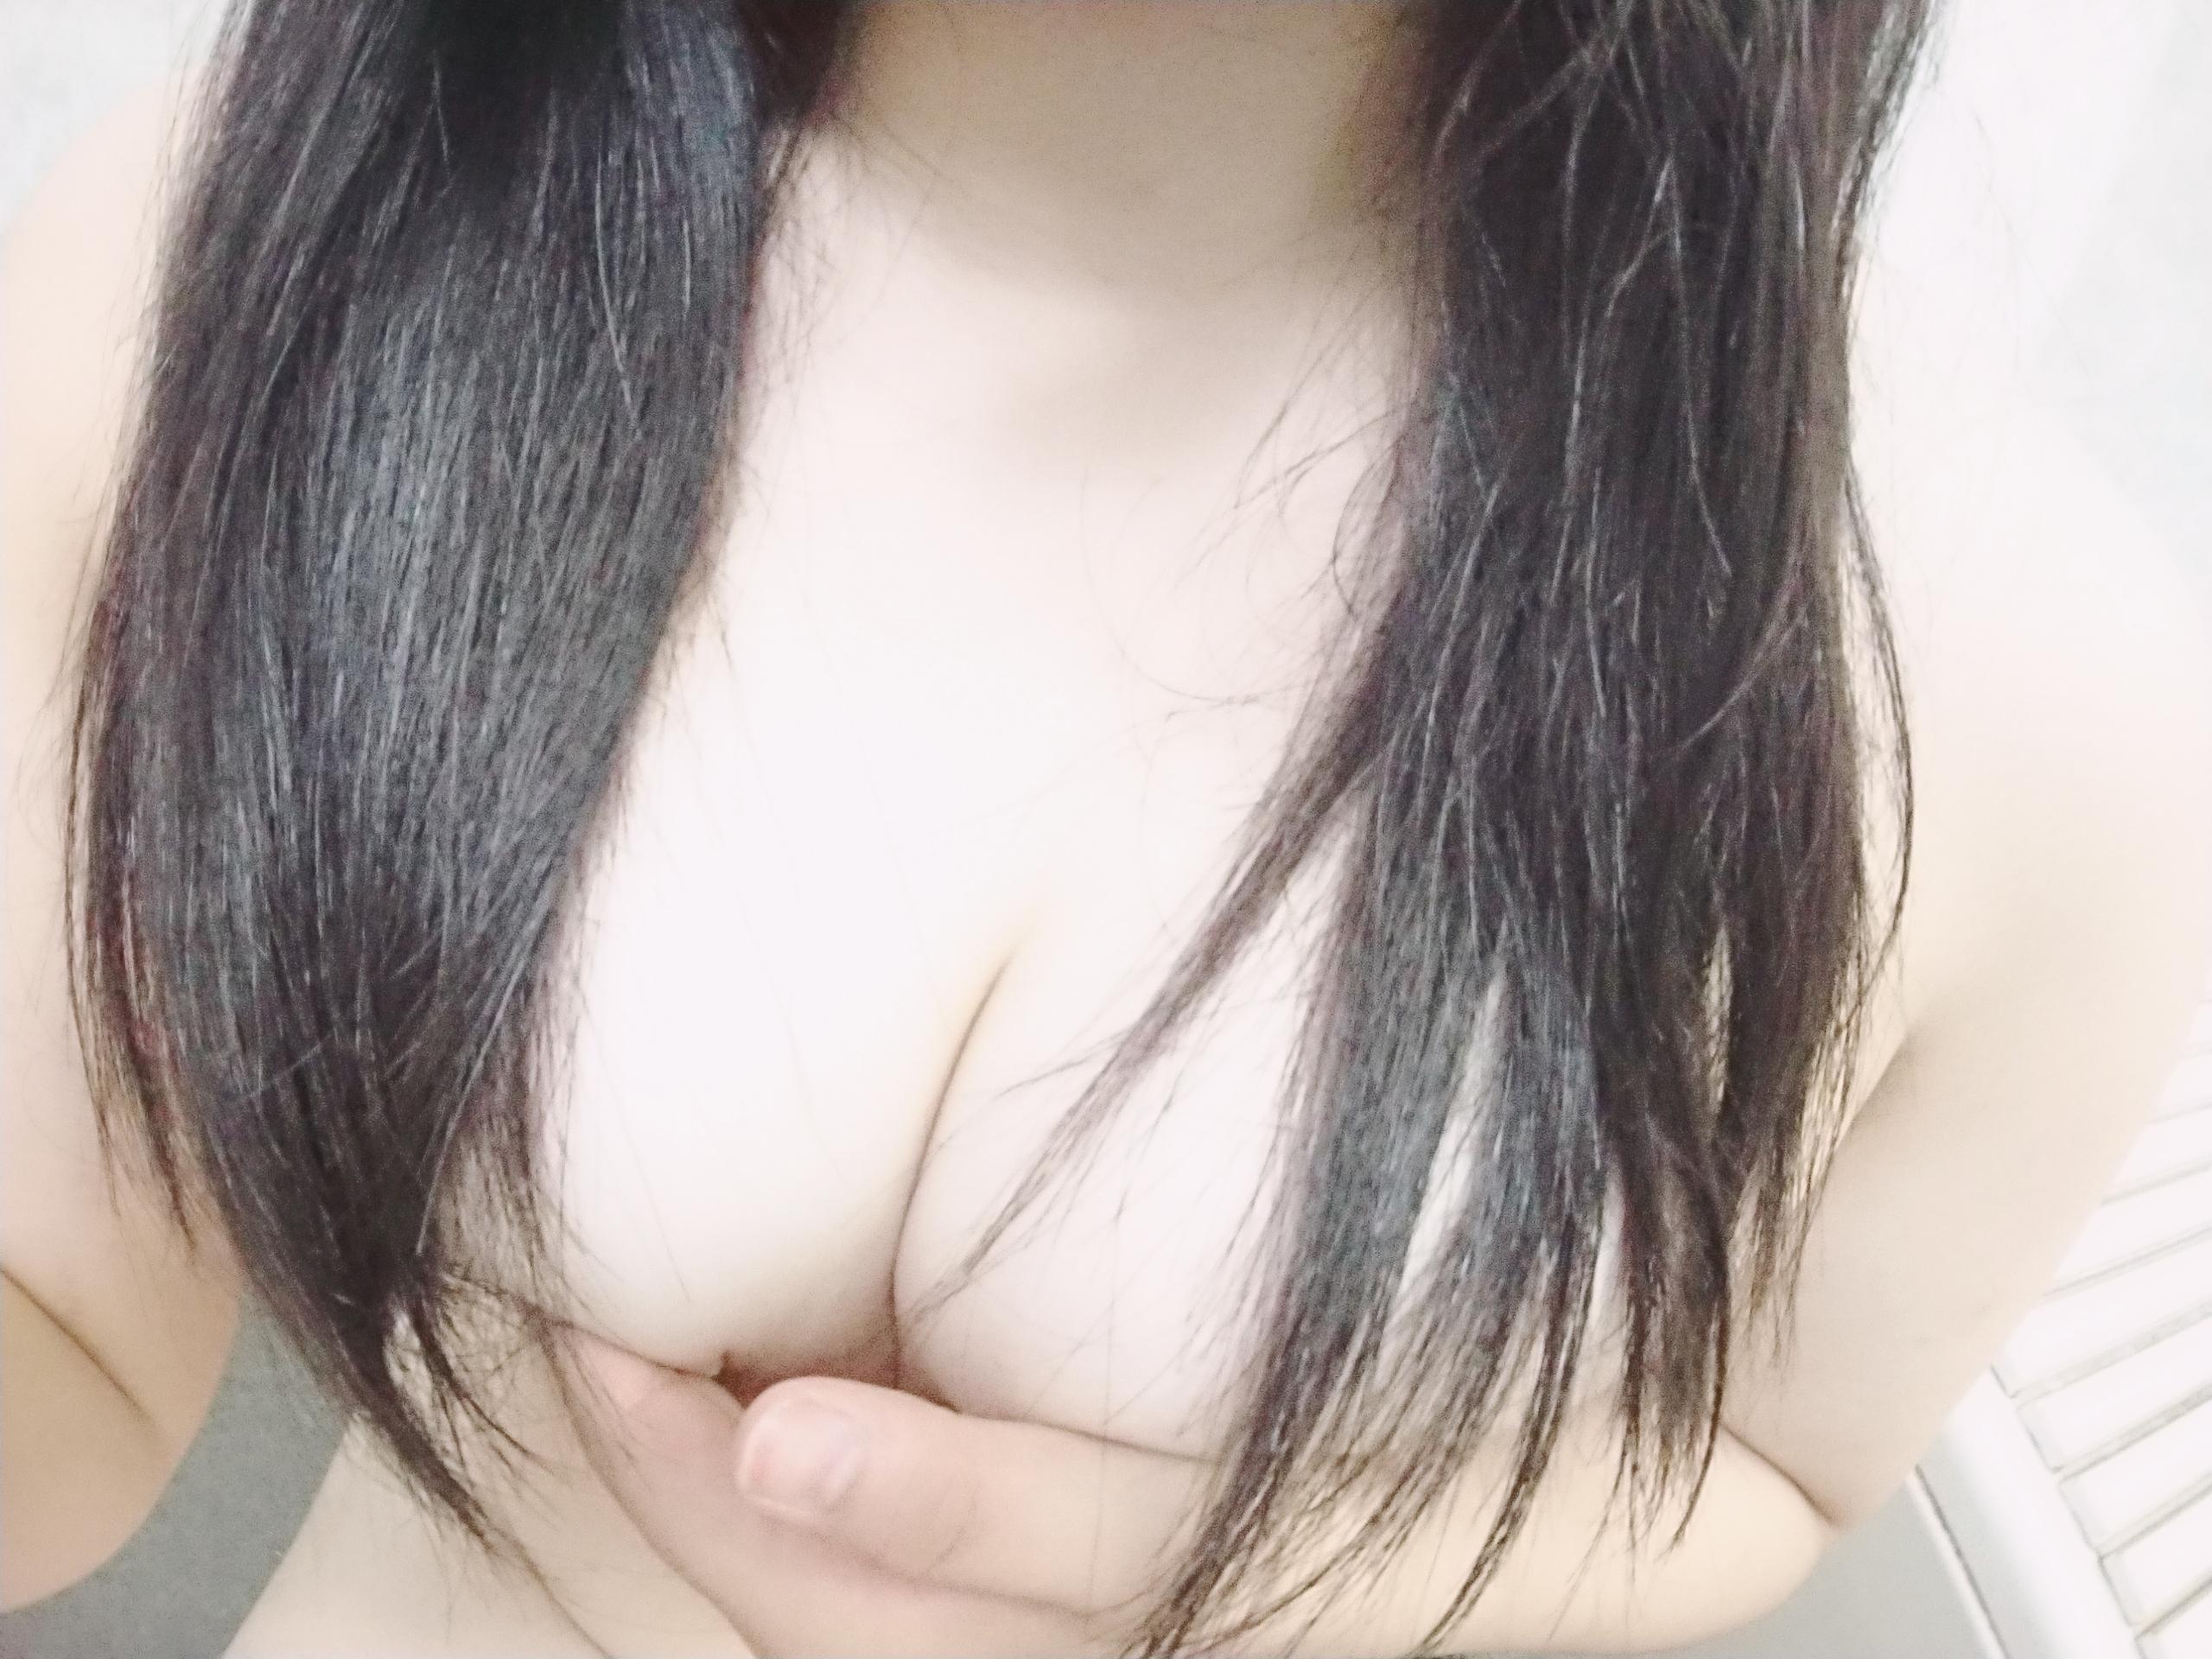 「こんにちわ!」09/19(木) 11:22 | みおんの写メ・風俗動画